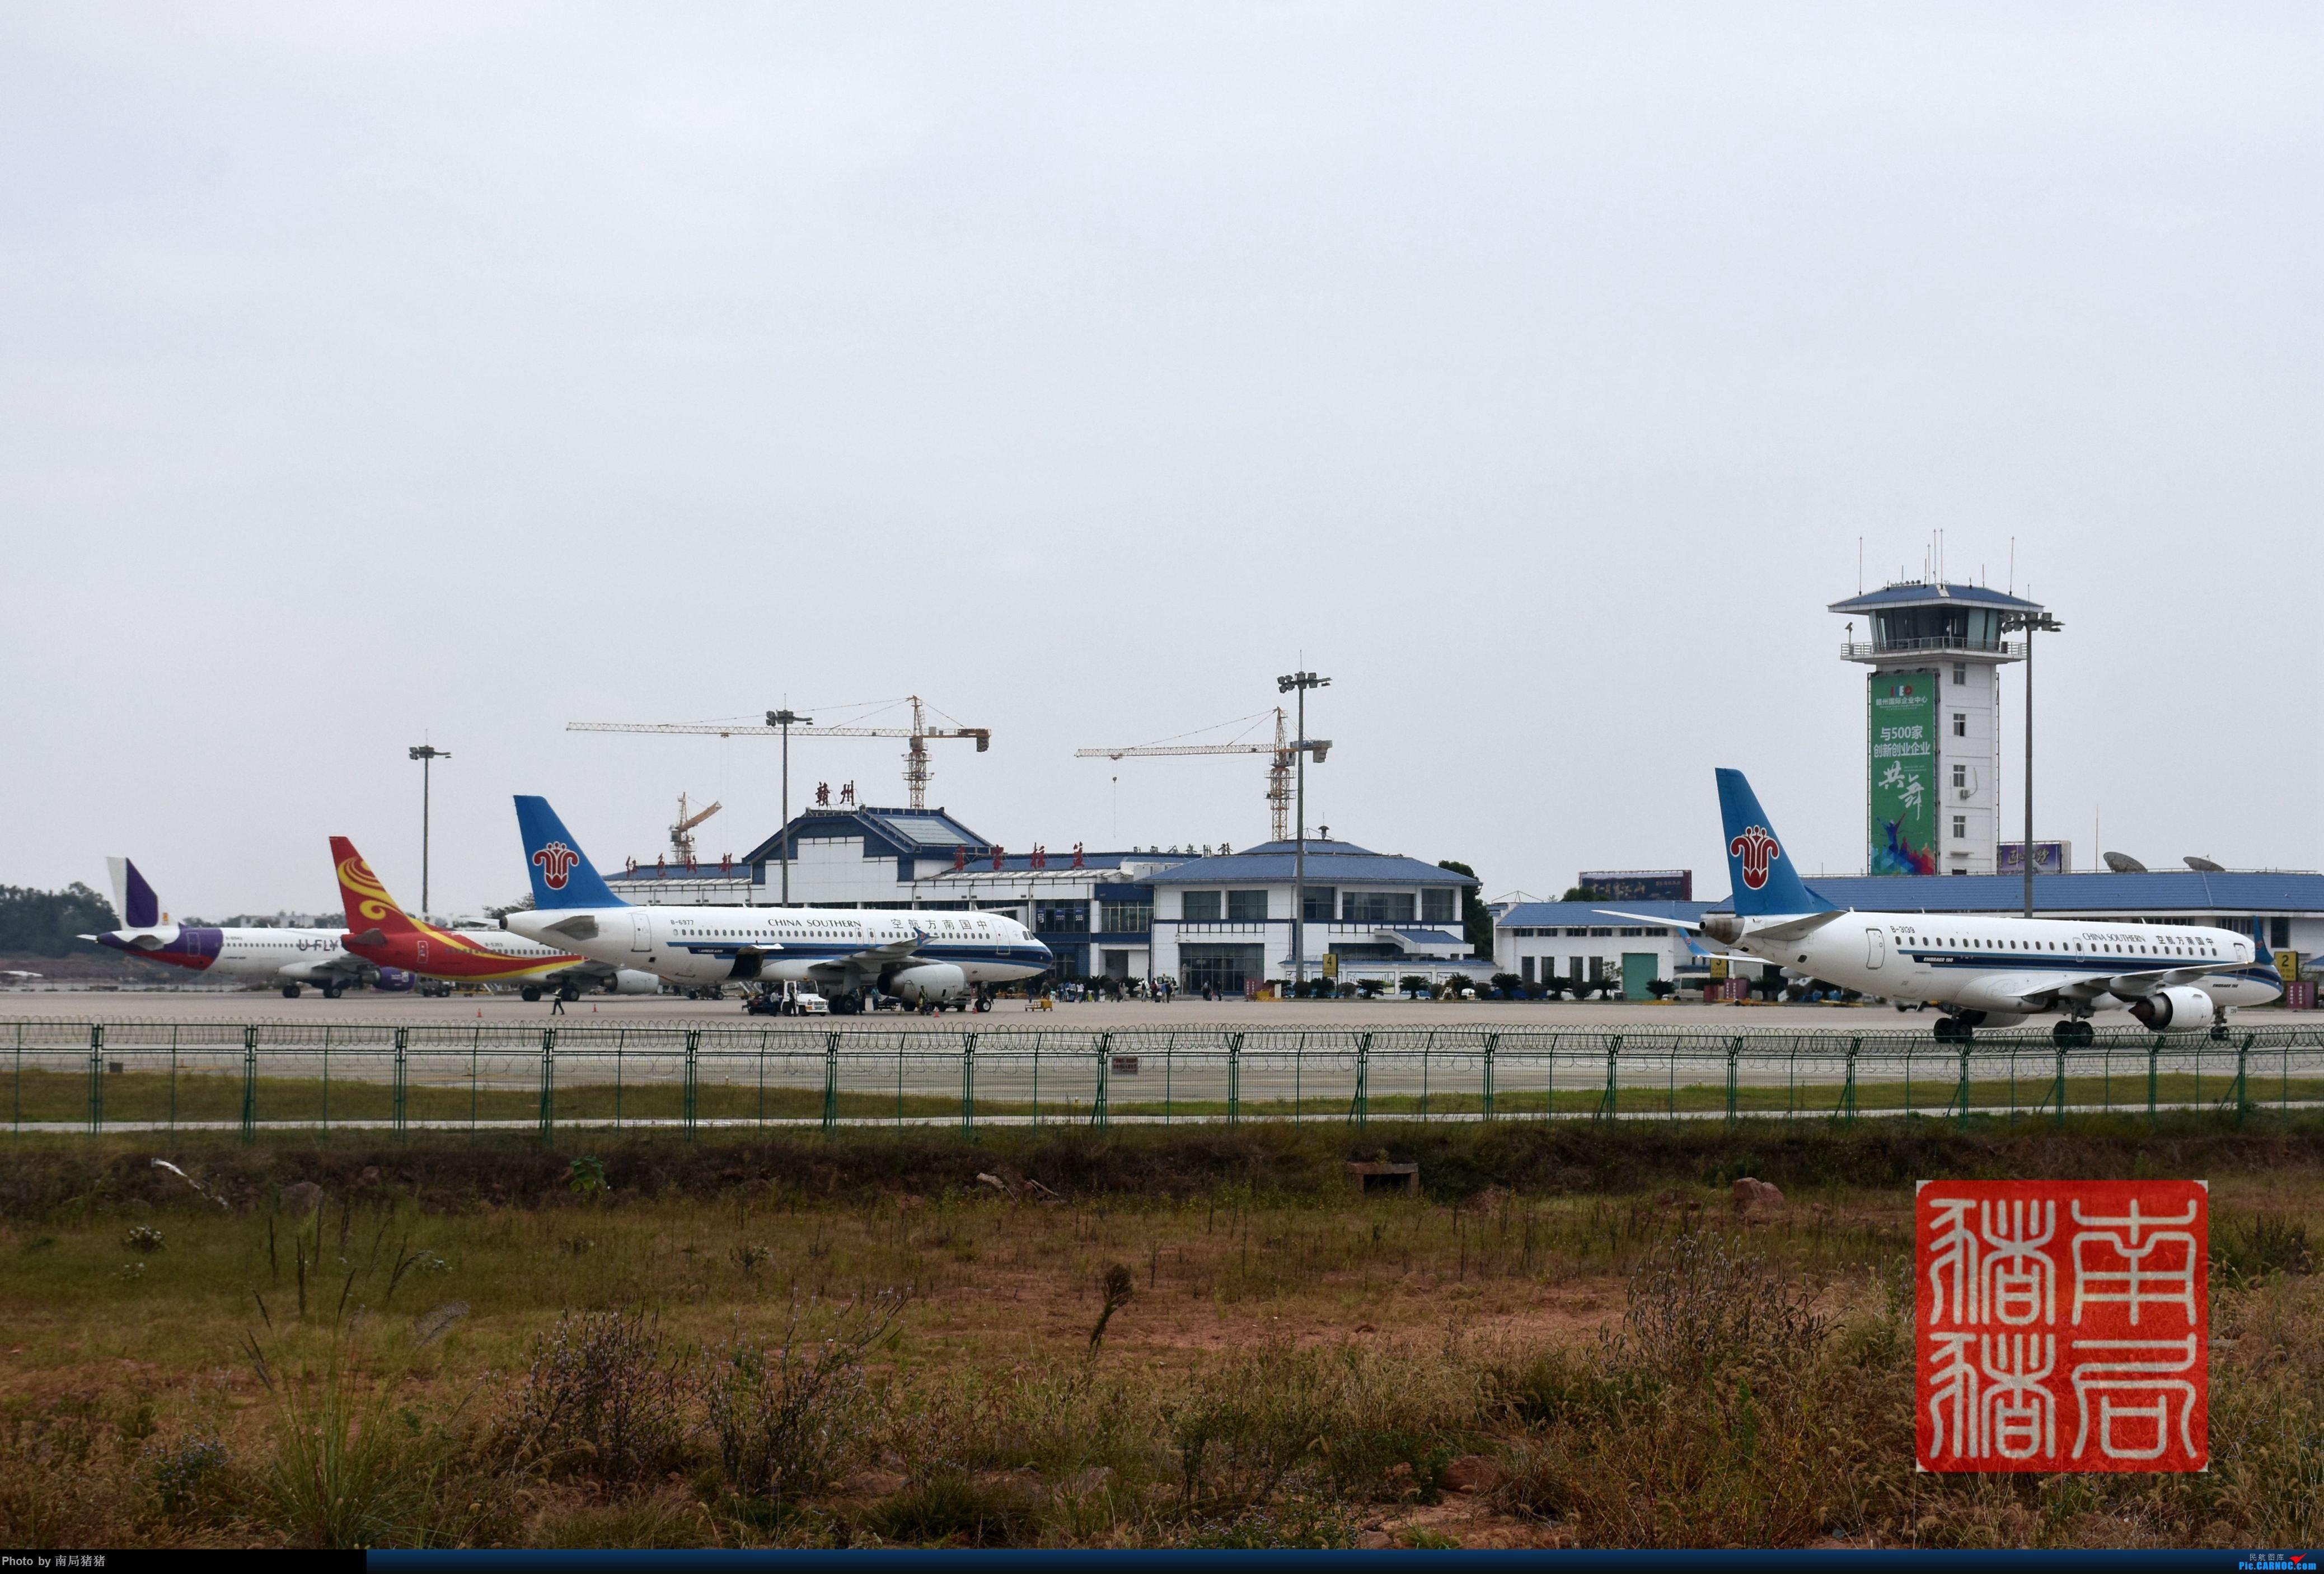 Re:[原创]赣州黄金机场,U fly 涂装320    中国赣州黄金机场